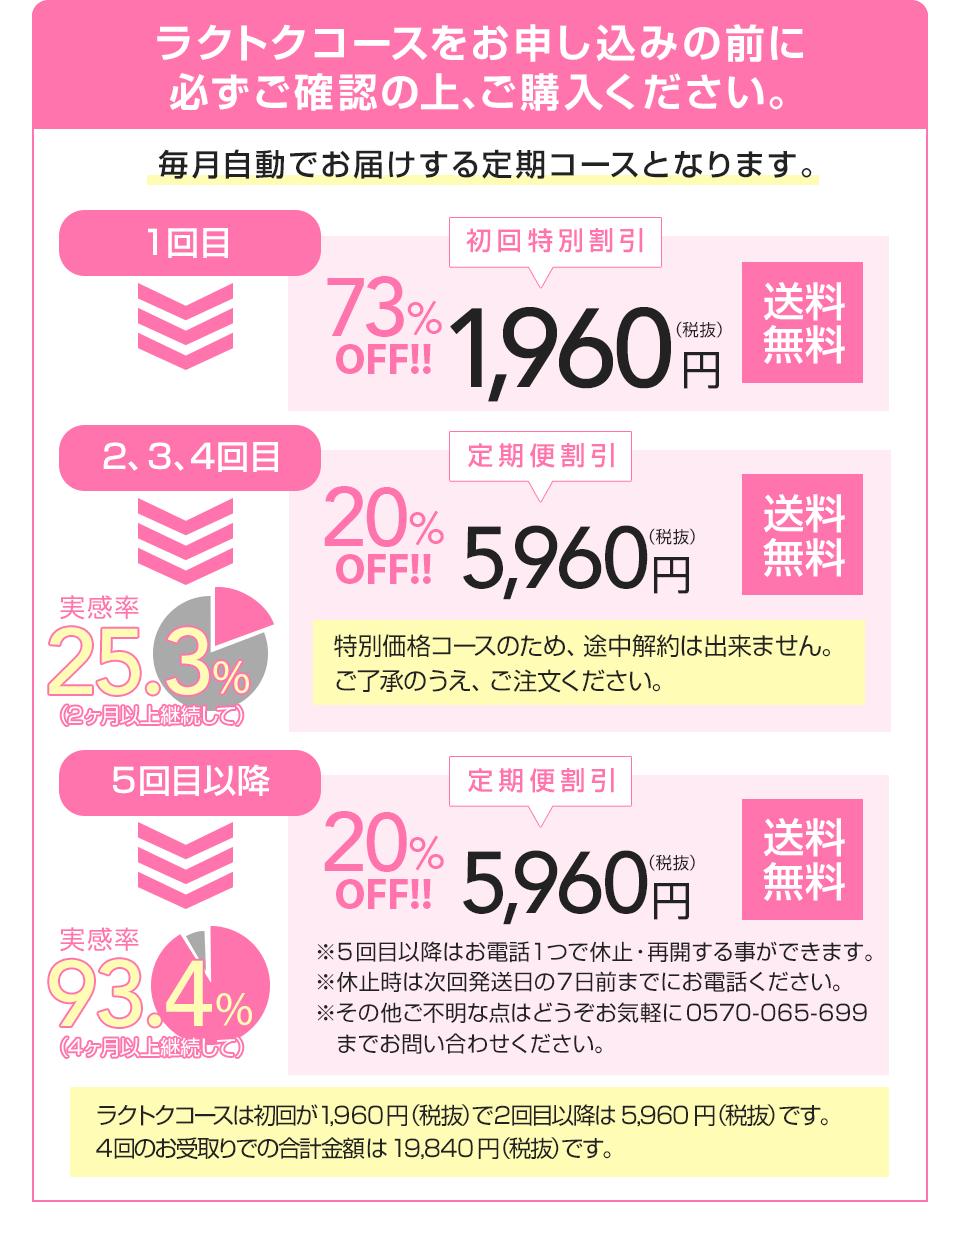 KUROJIRU023